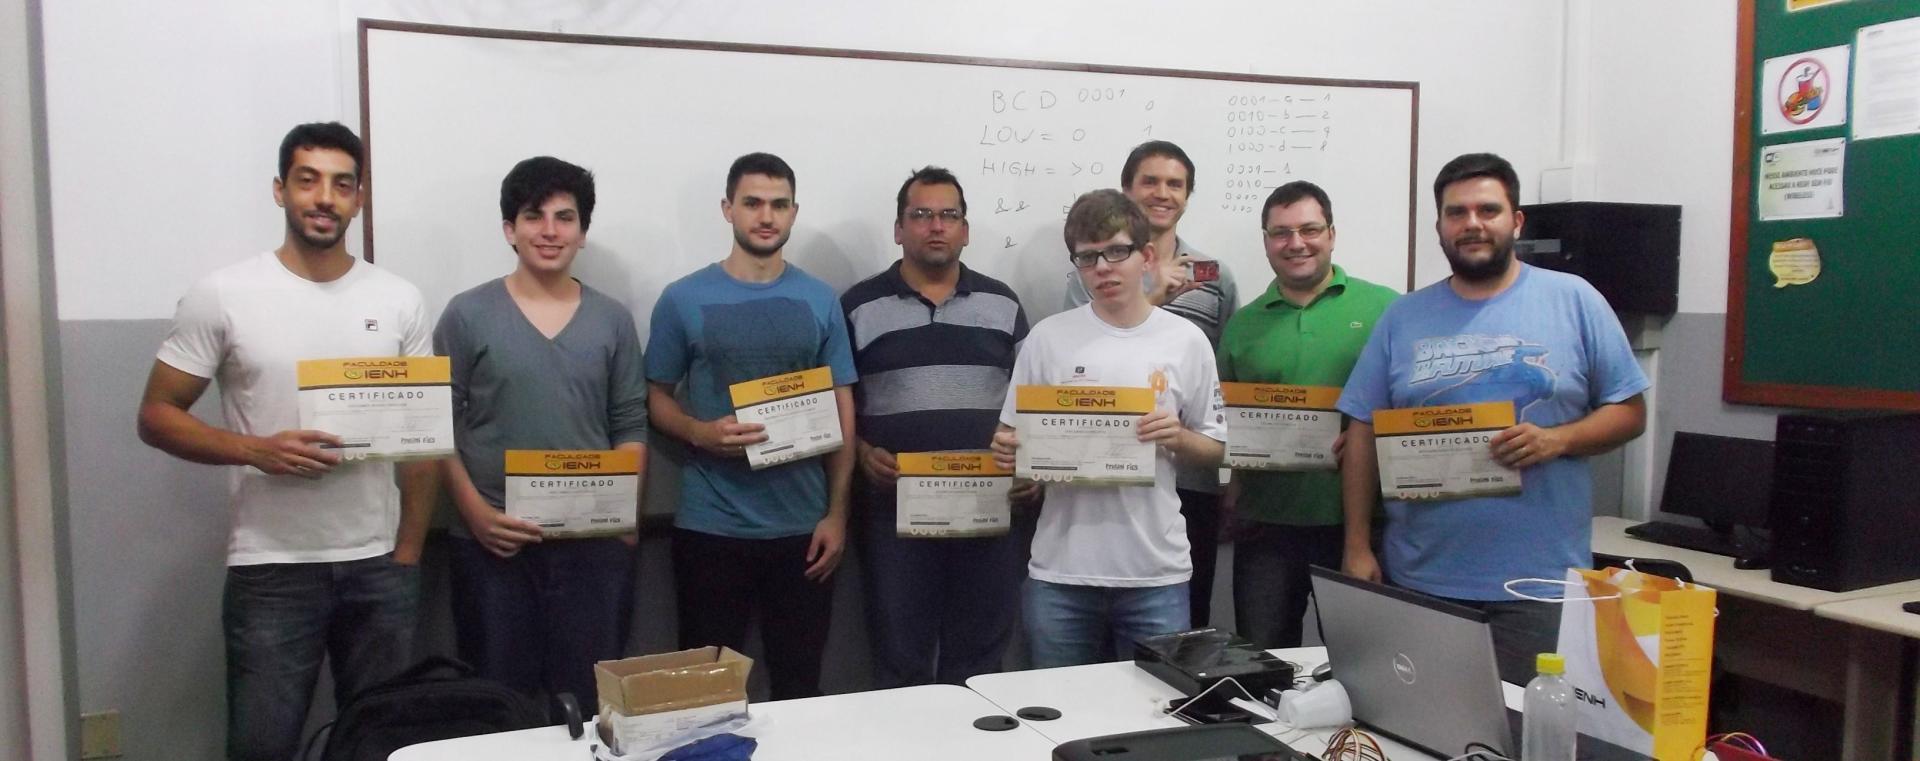 Certificados de conclusão são entregues para alunos do Curso de Extensão em Arduino